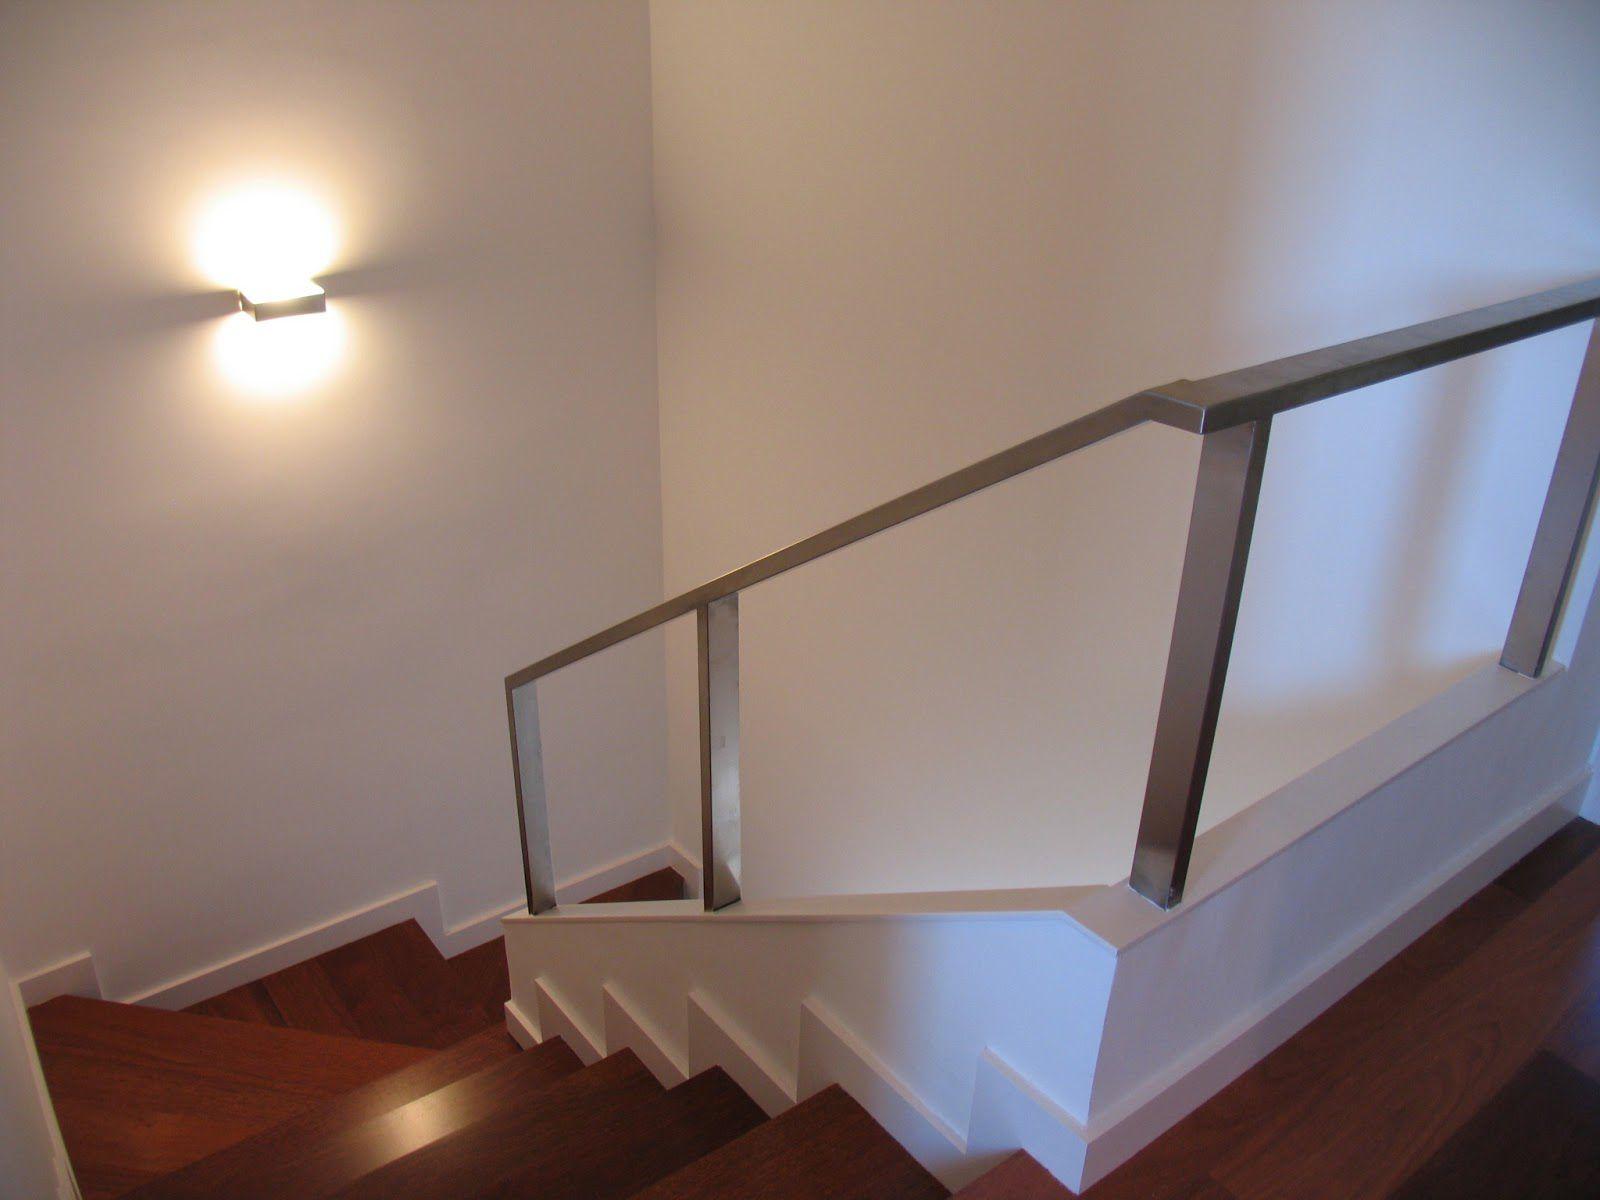 Apolo de pujol iluminaci n el blog de - Lamparas para escaleras ...